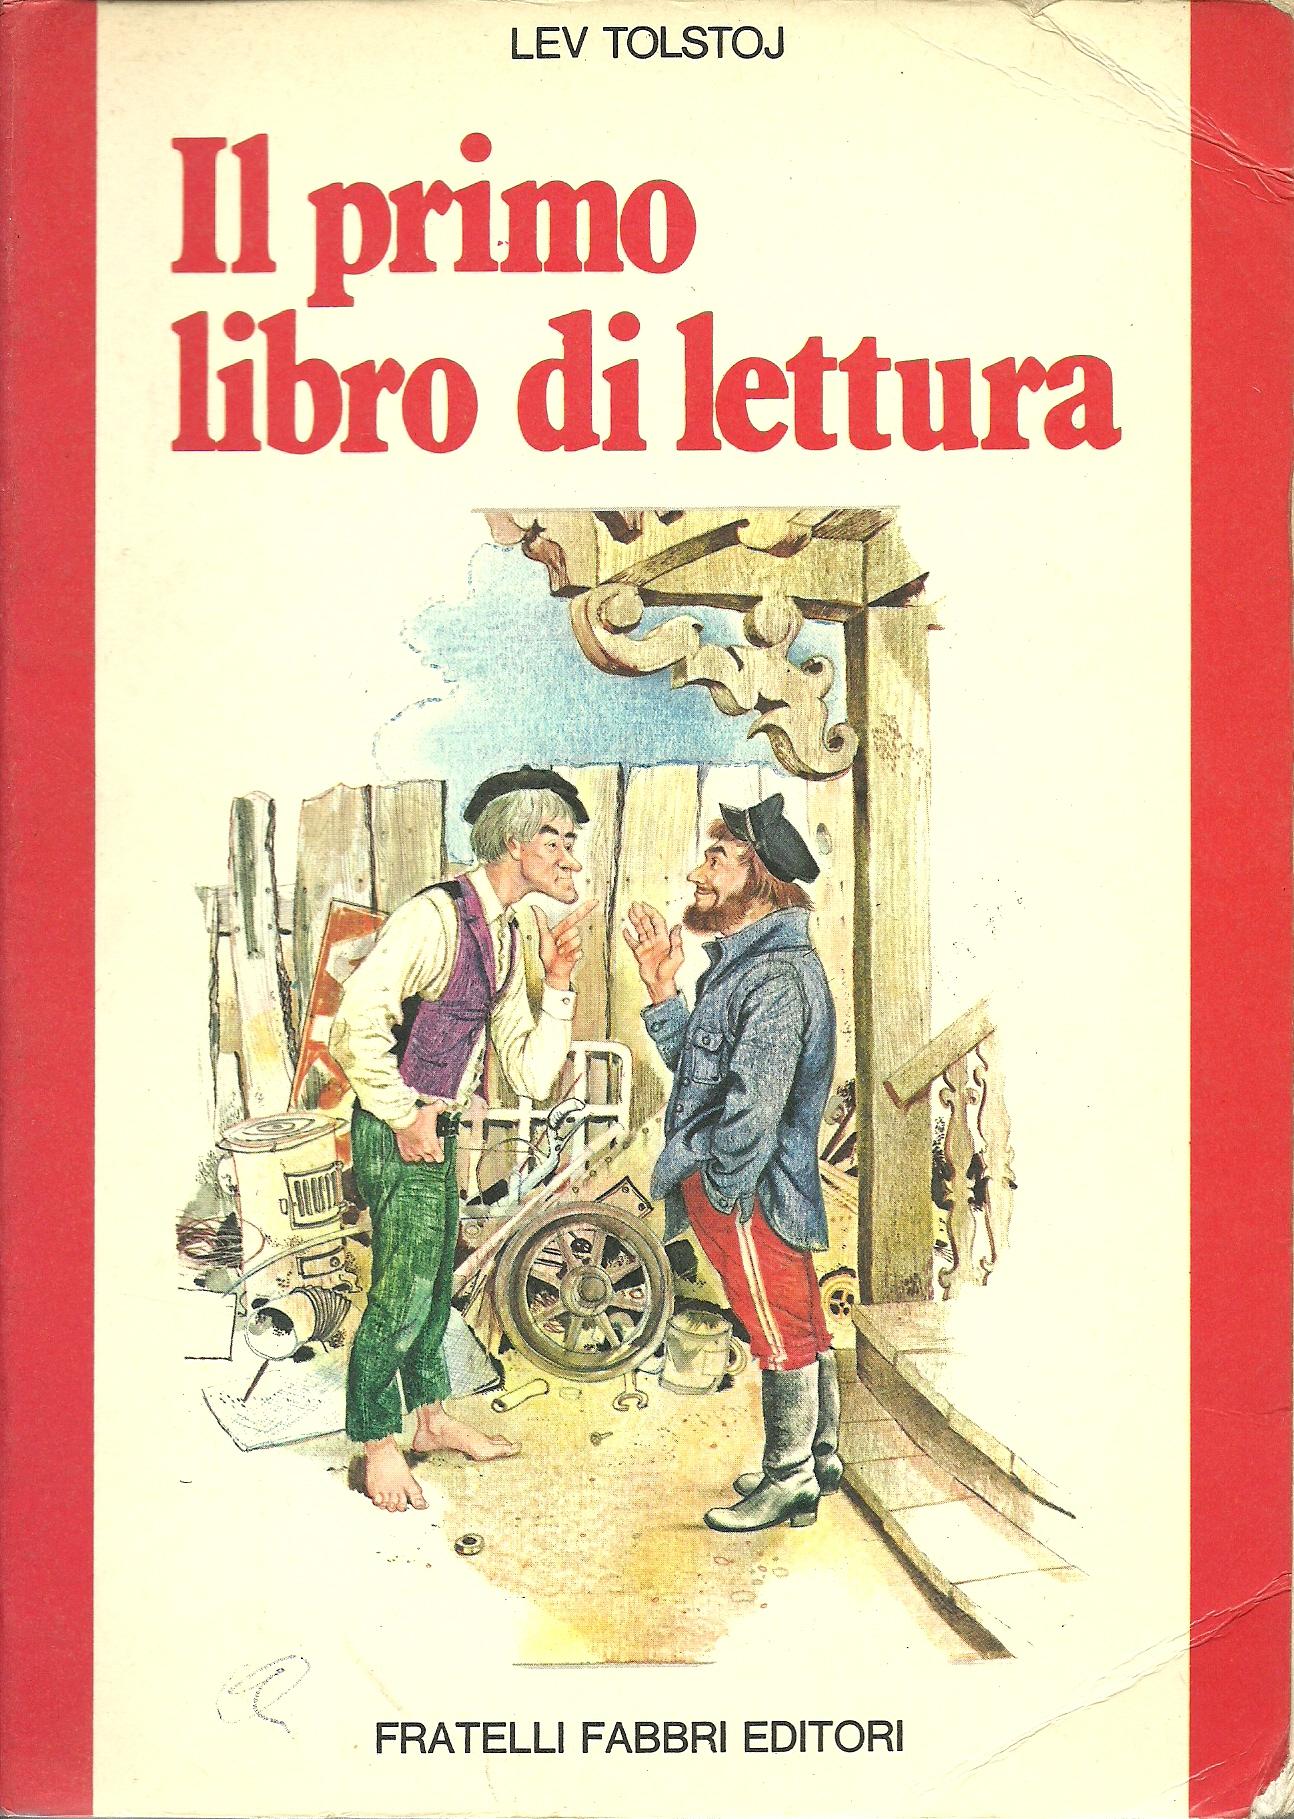 Il primo libro di lettura lev nikolaevi tolstoj 3 - Libro amici di letto ...